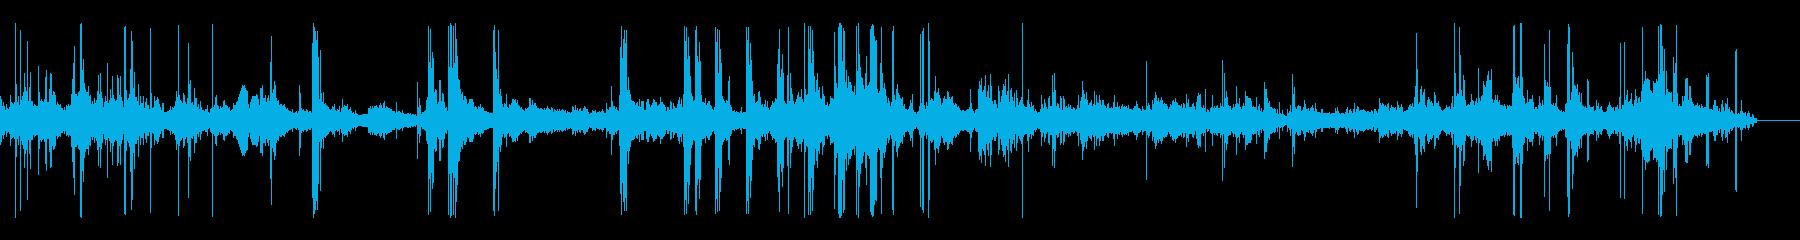 ホッケー;プレーヤー練習、パックヒ...の再生済みの波形